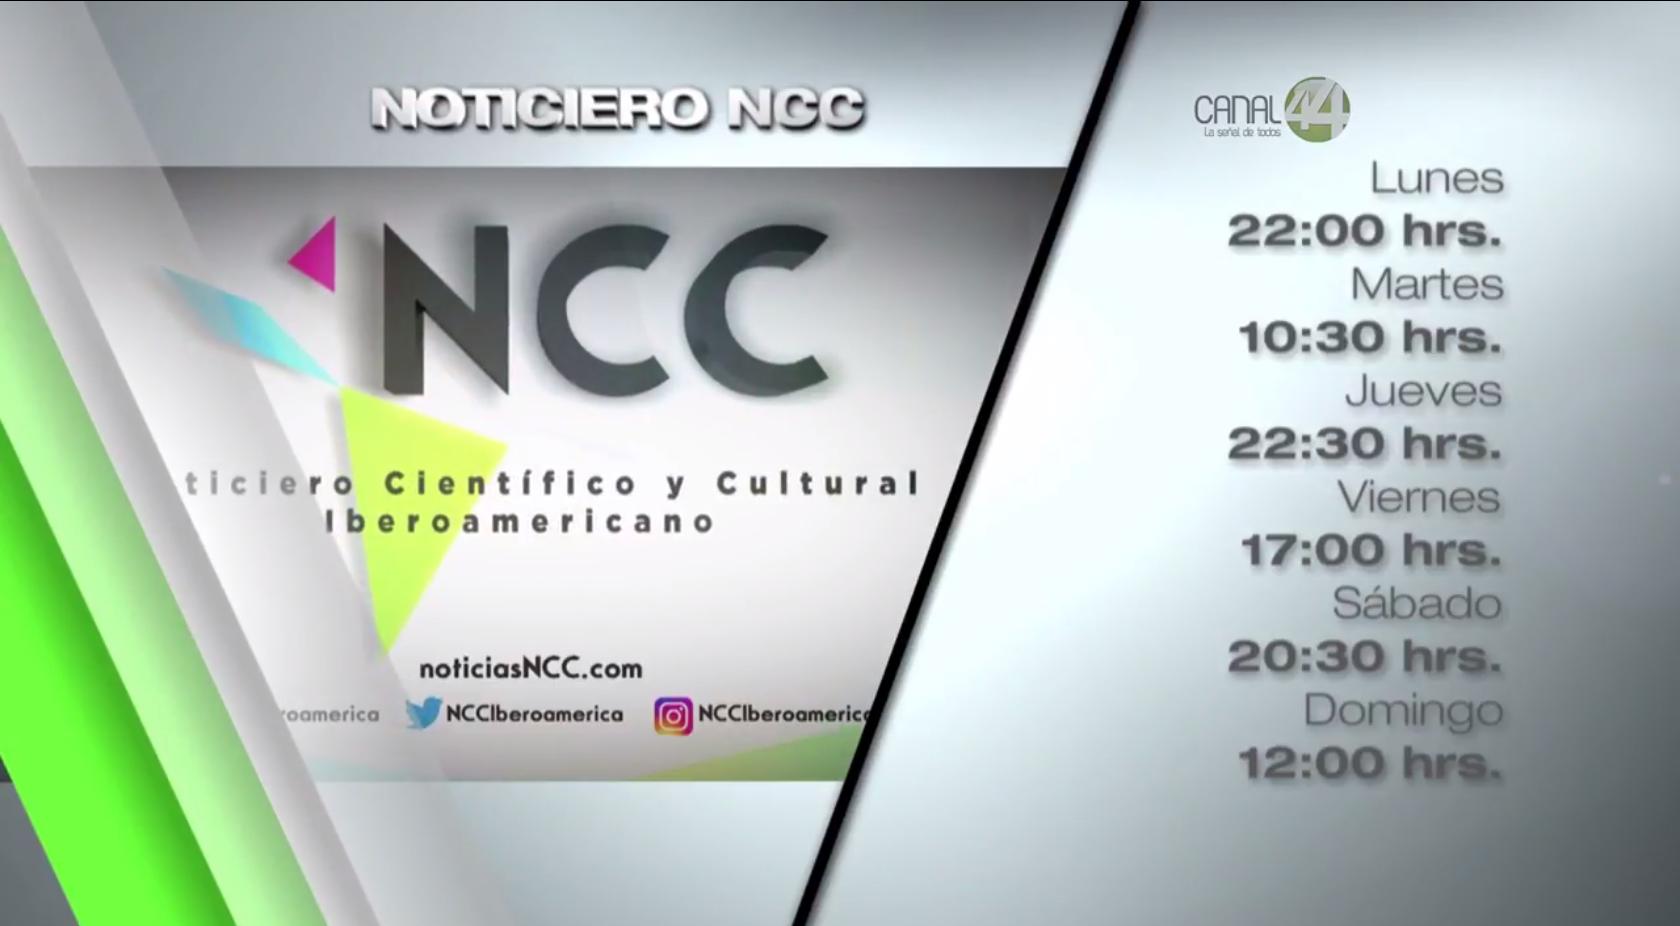 Estreno NoticiasNCC en Canal 44